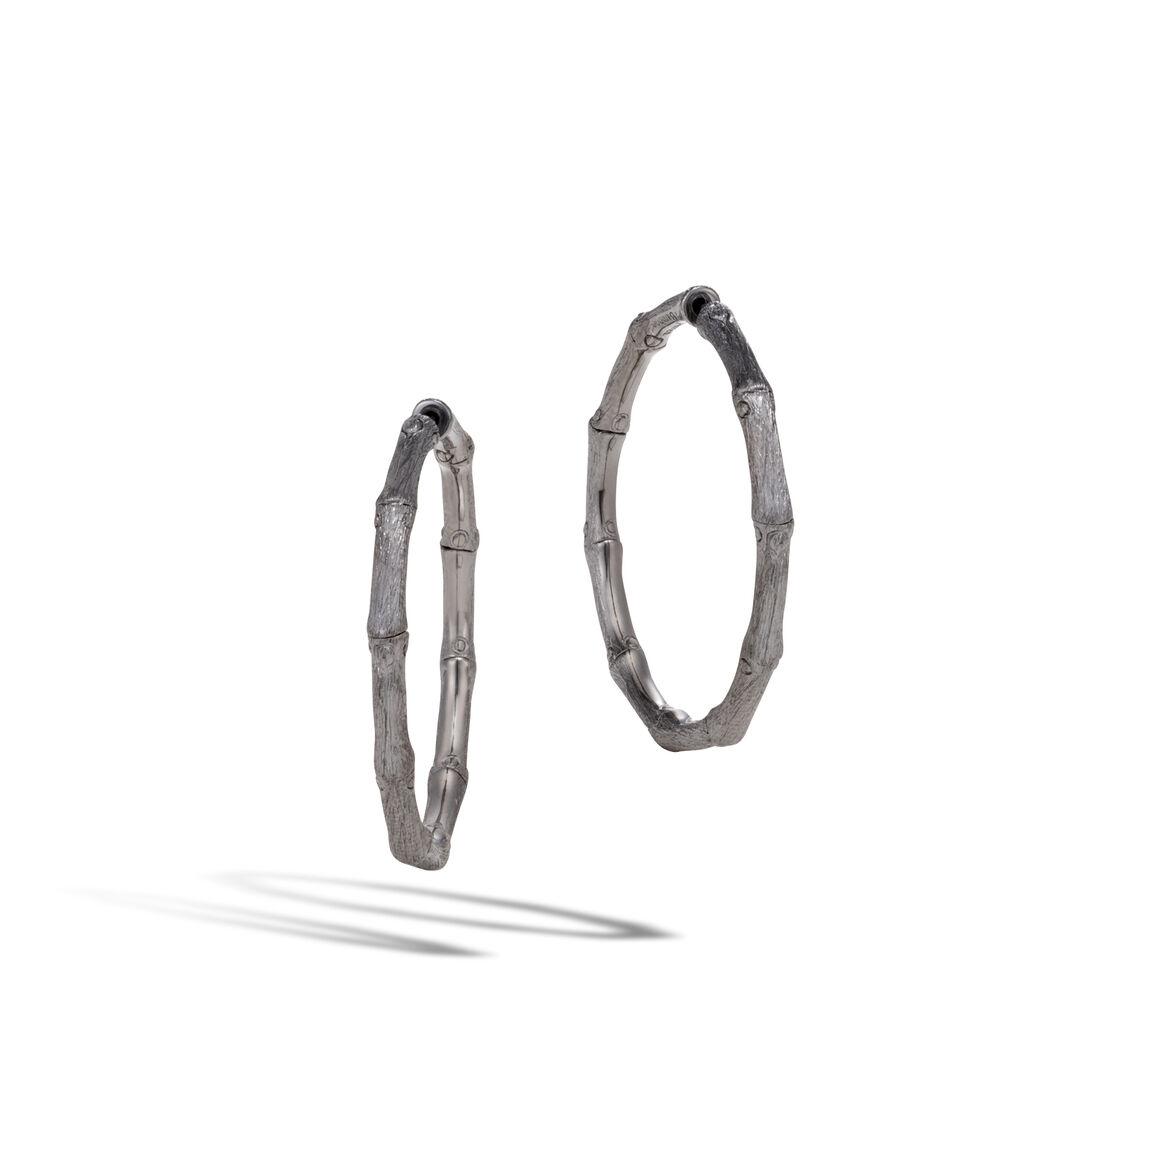 Bamboo Medium Hoop Earring in Blackened Brushed Silver